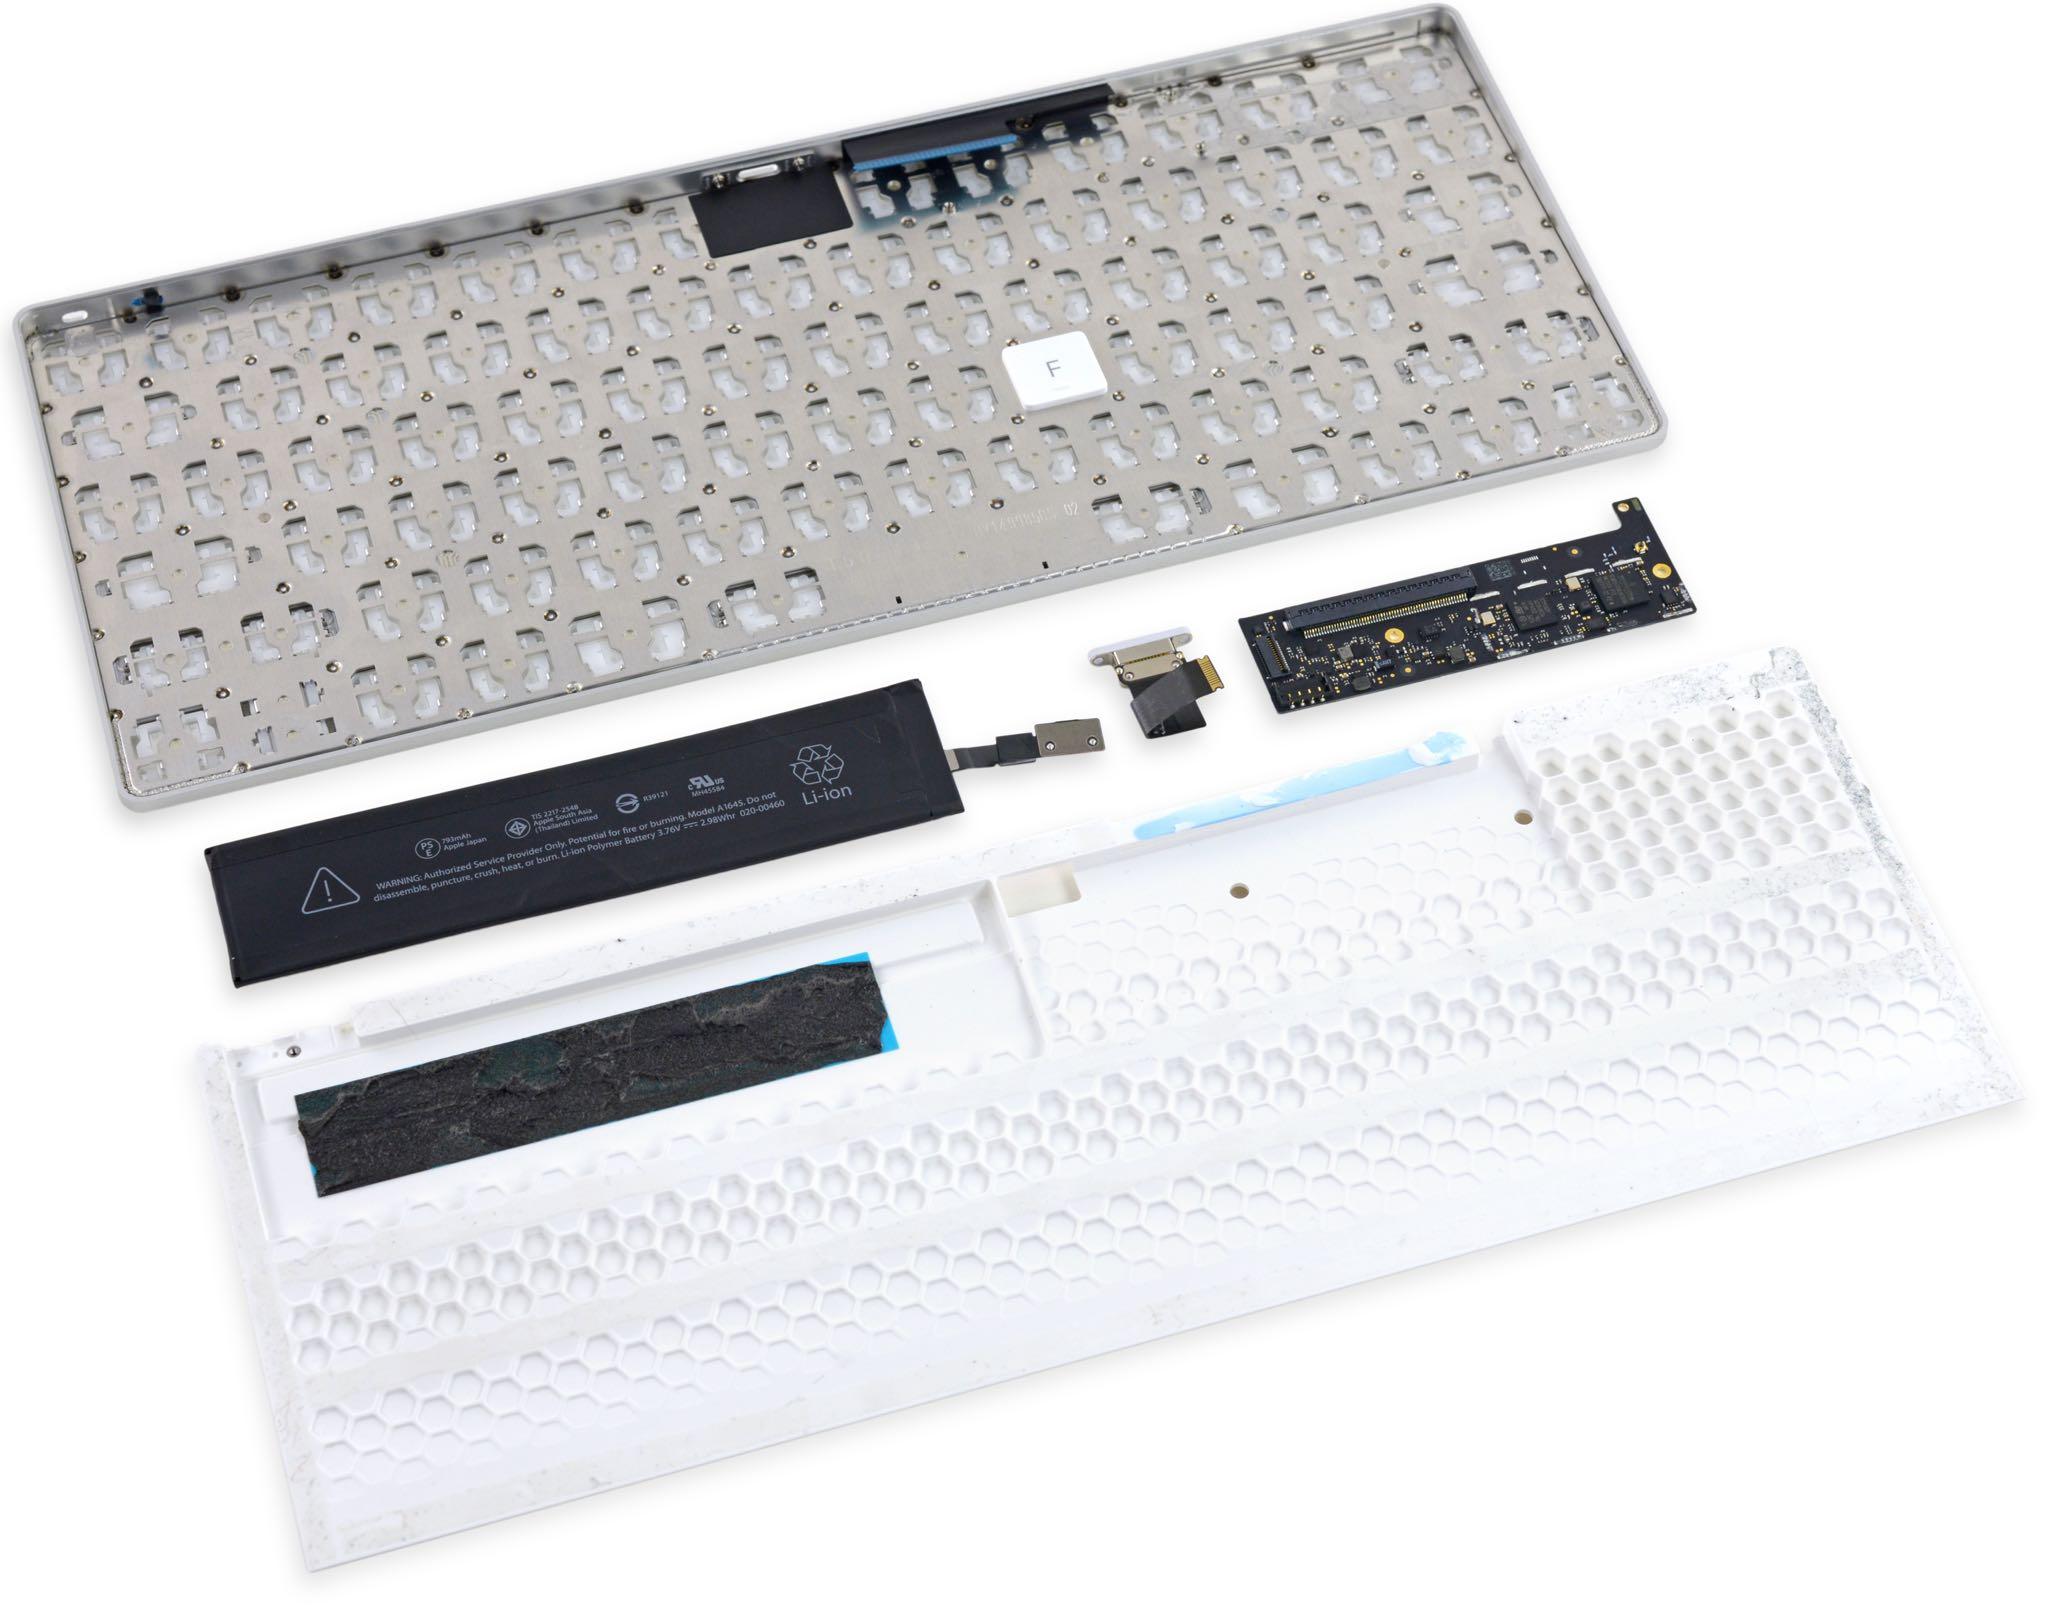 Magic Mouse Keyboard teardown iFixit 004